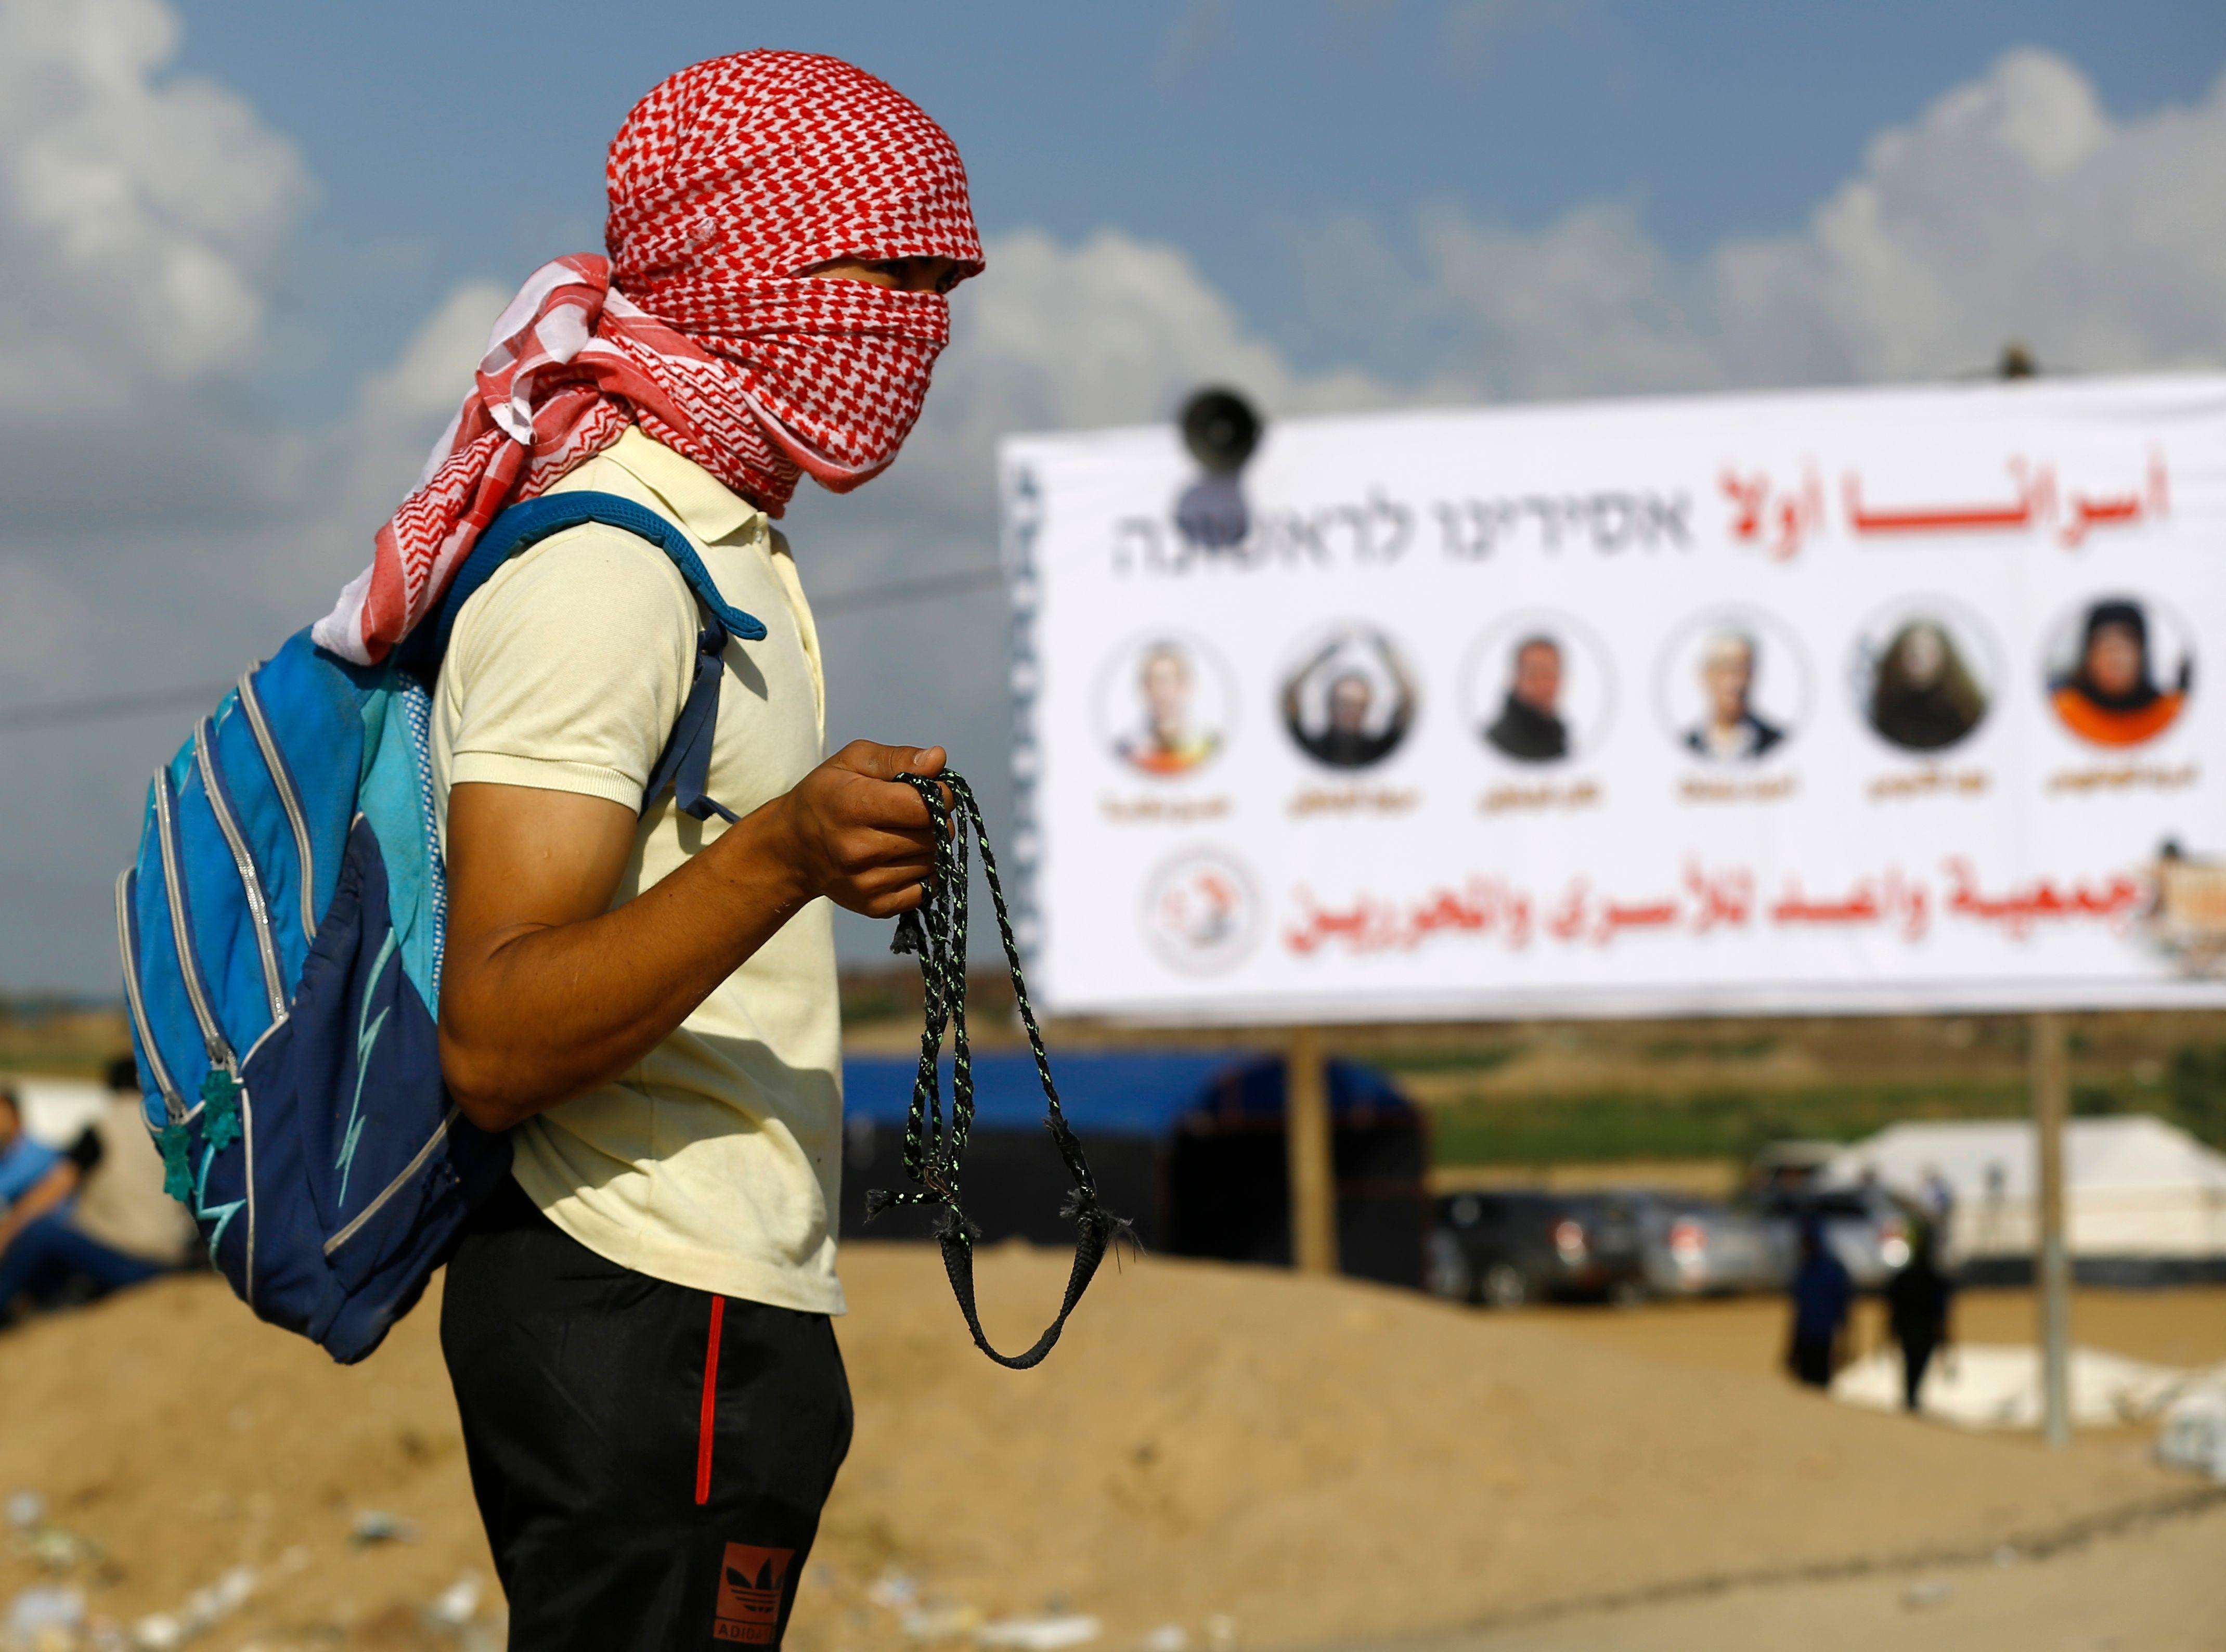 شاب فلسطينى يستعد لمواجهة قوات الاحتلال فى غزة